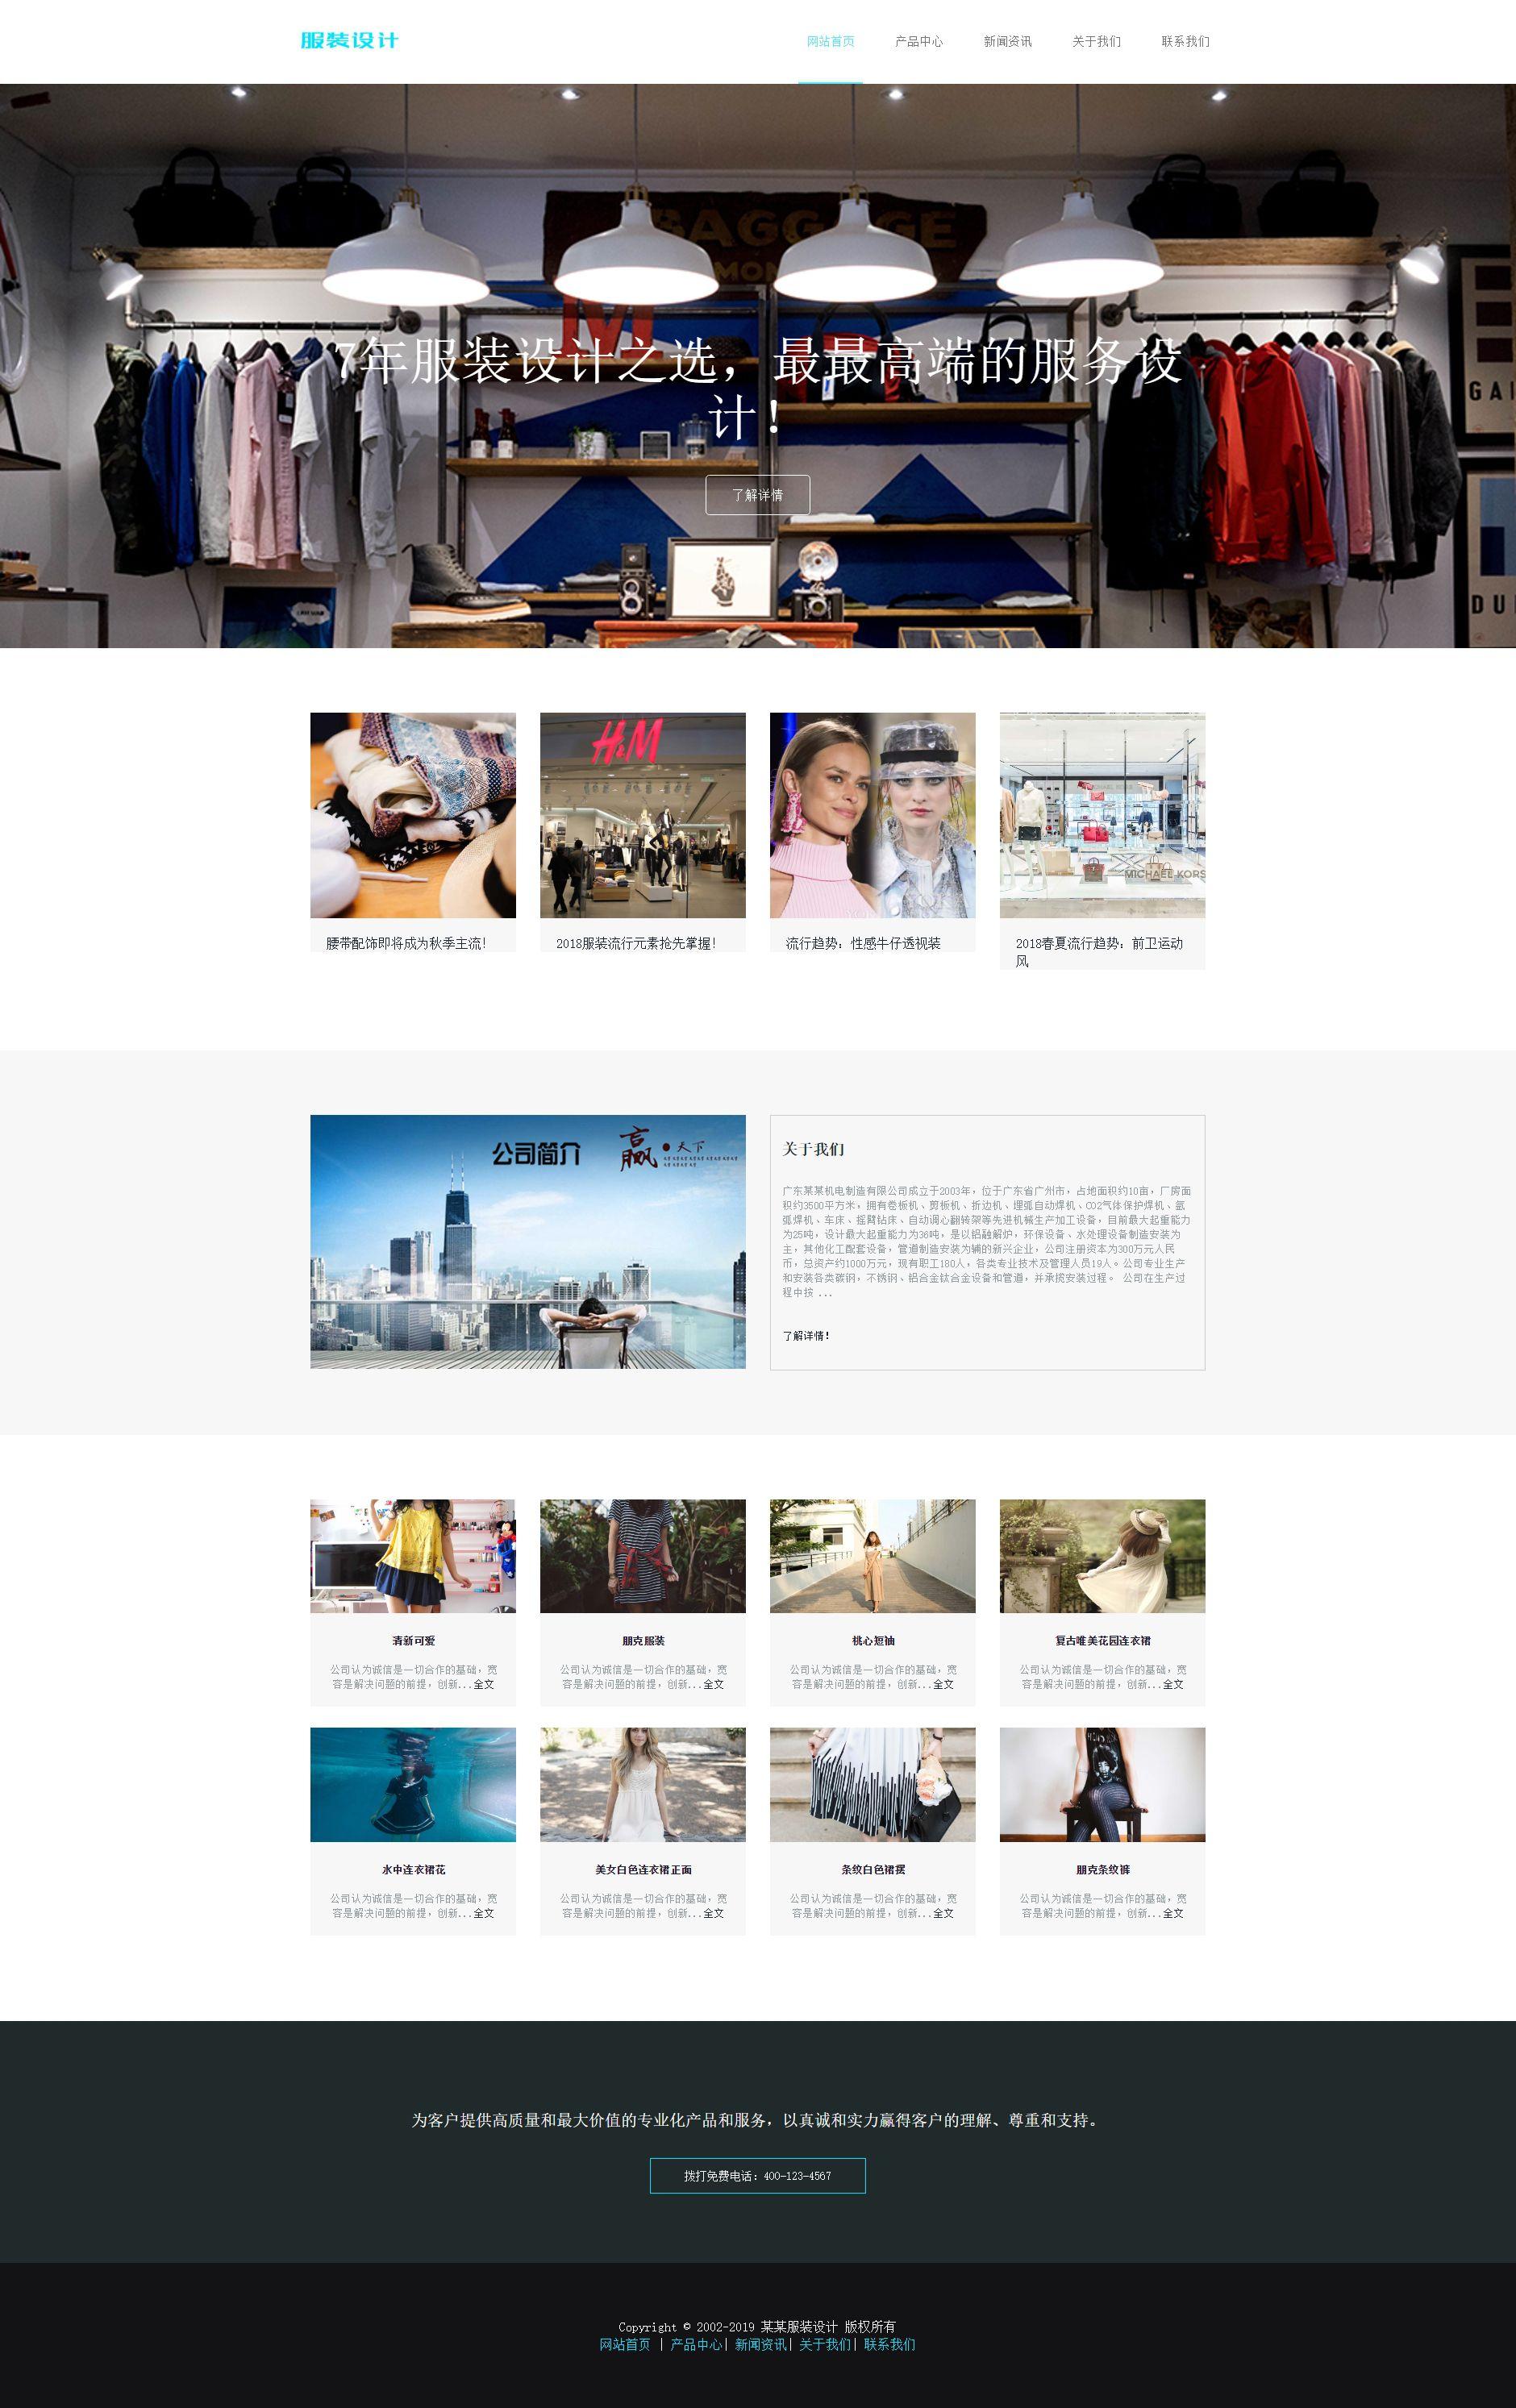 响应式服装设计展示网站织梦dedecms模板(自适应手机端)